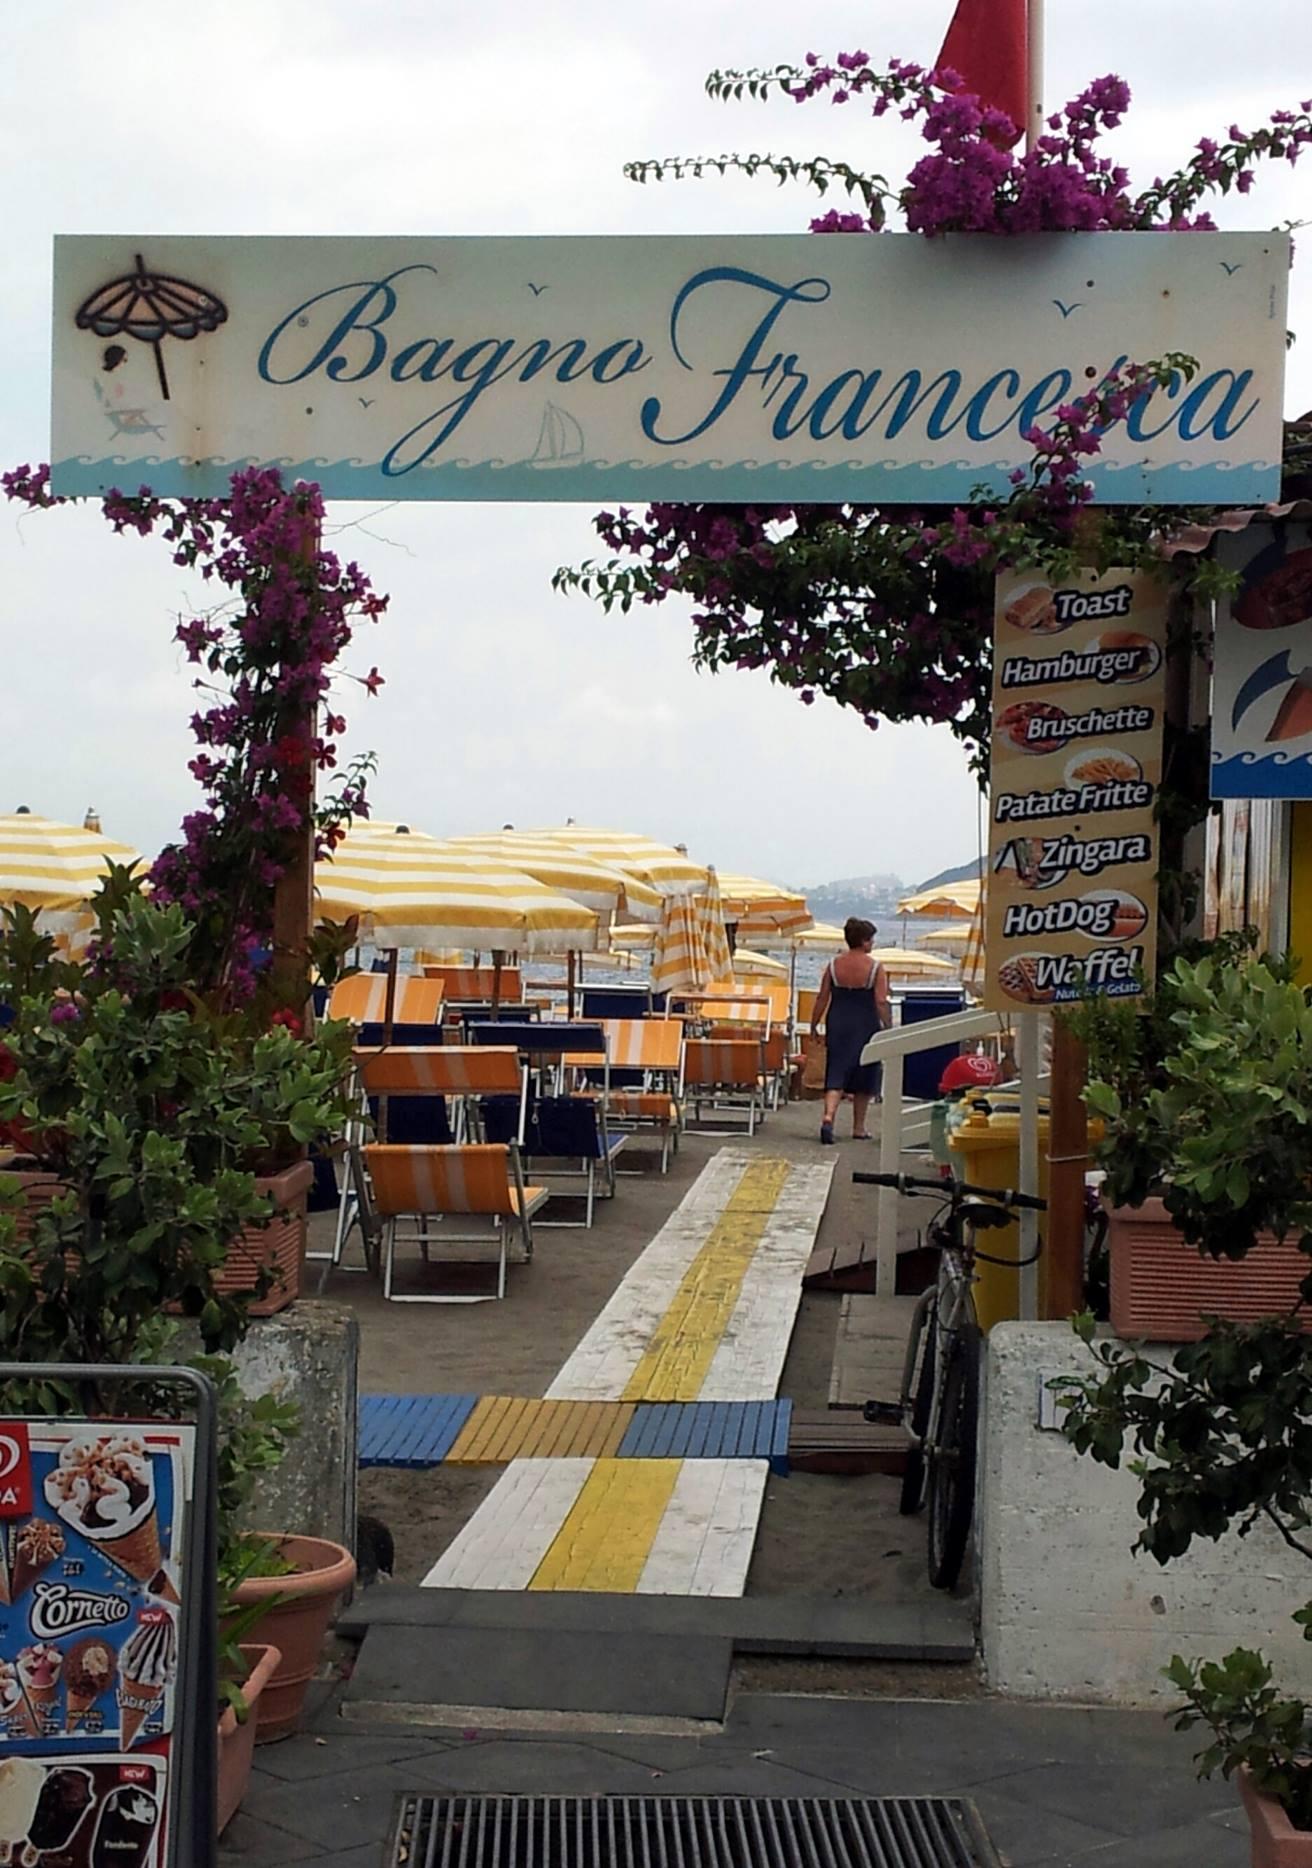 Bagno Francesca